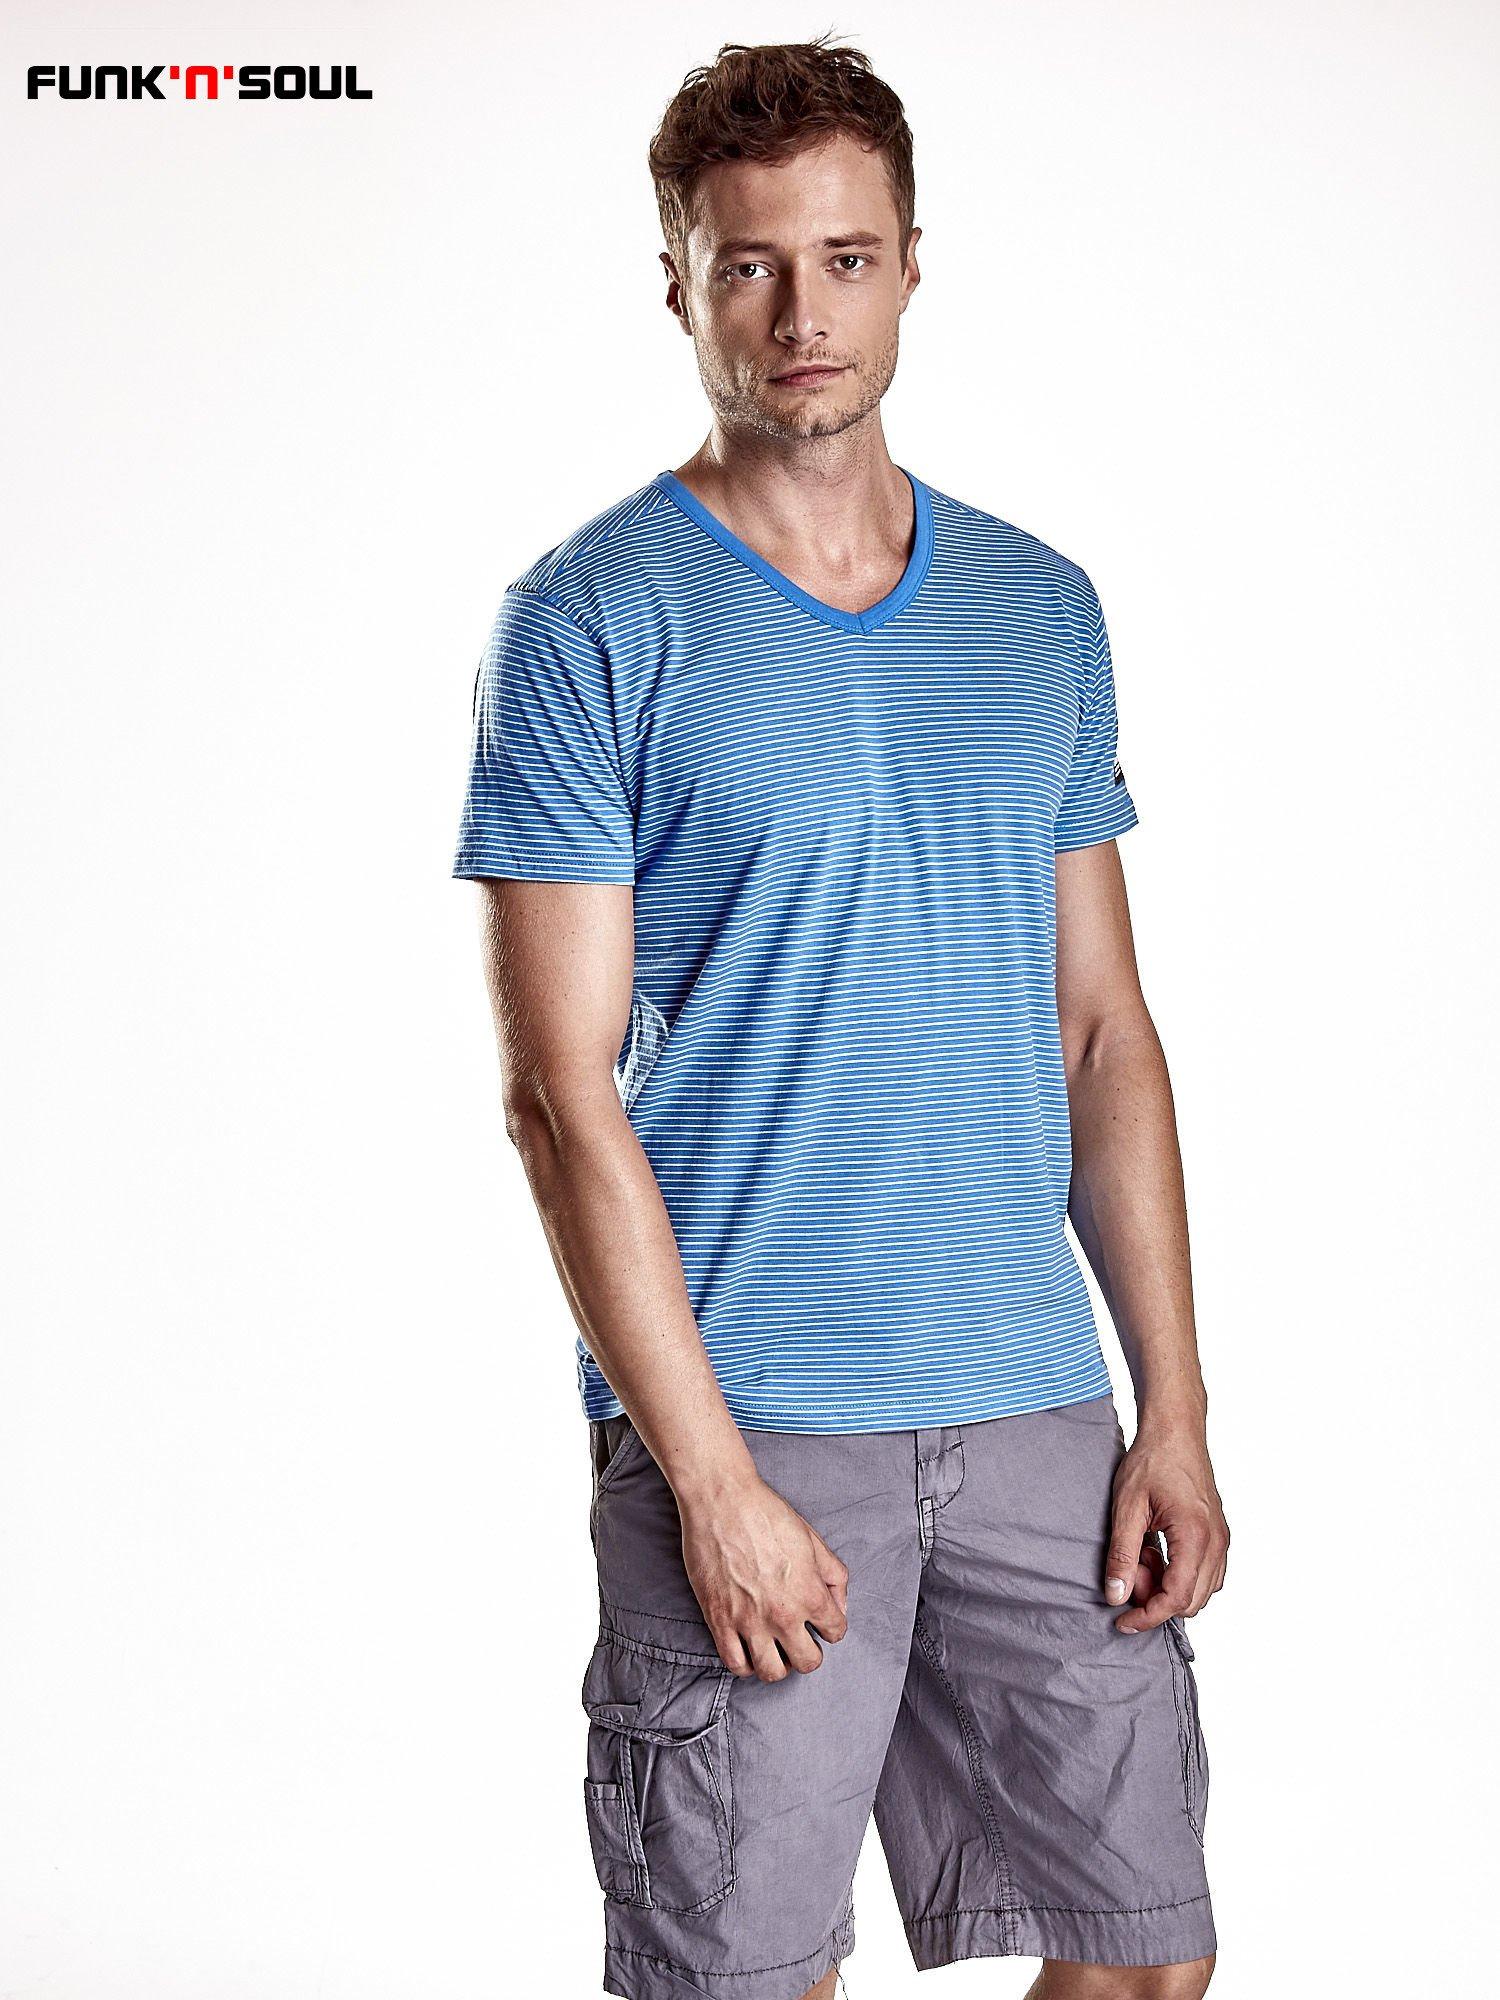 Niebieski klasyczny t-shirt męski w paski Funk n Soul                                  zdj.                                  1